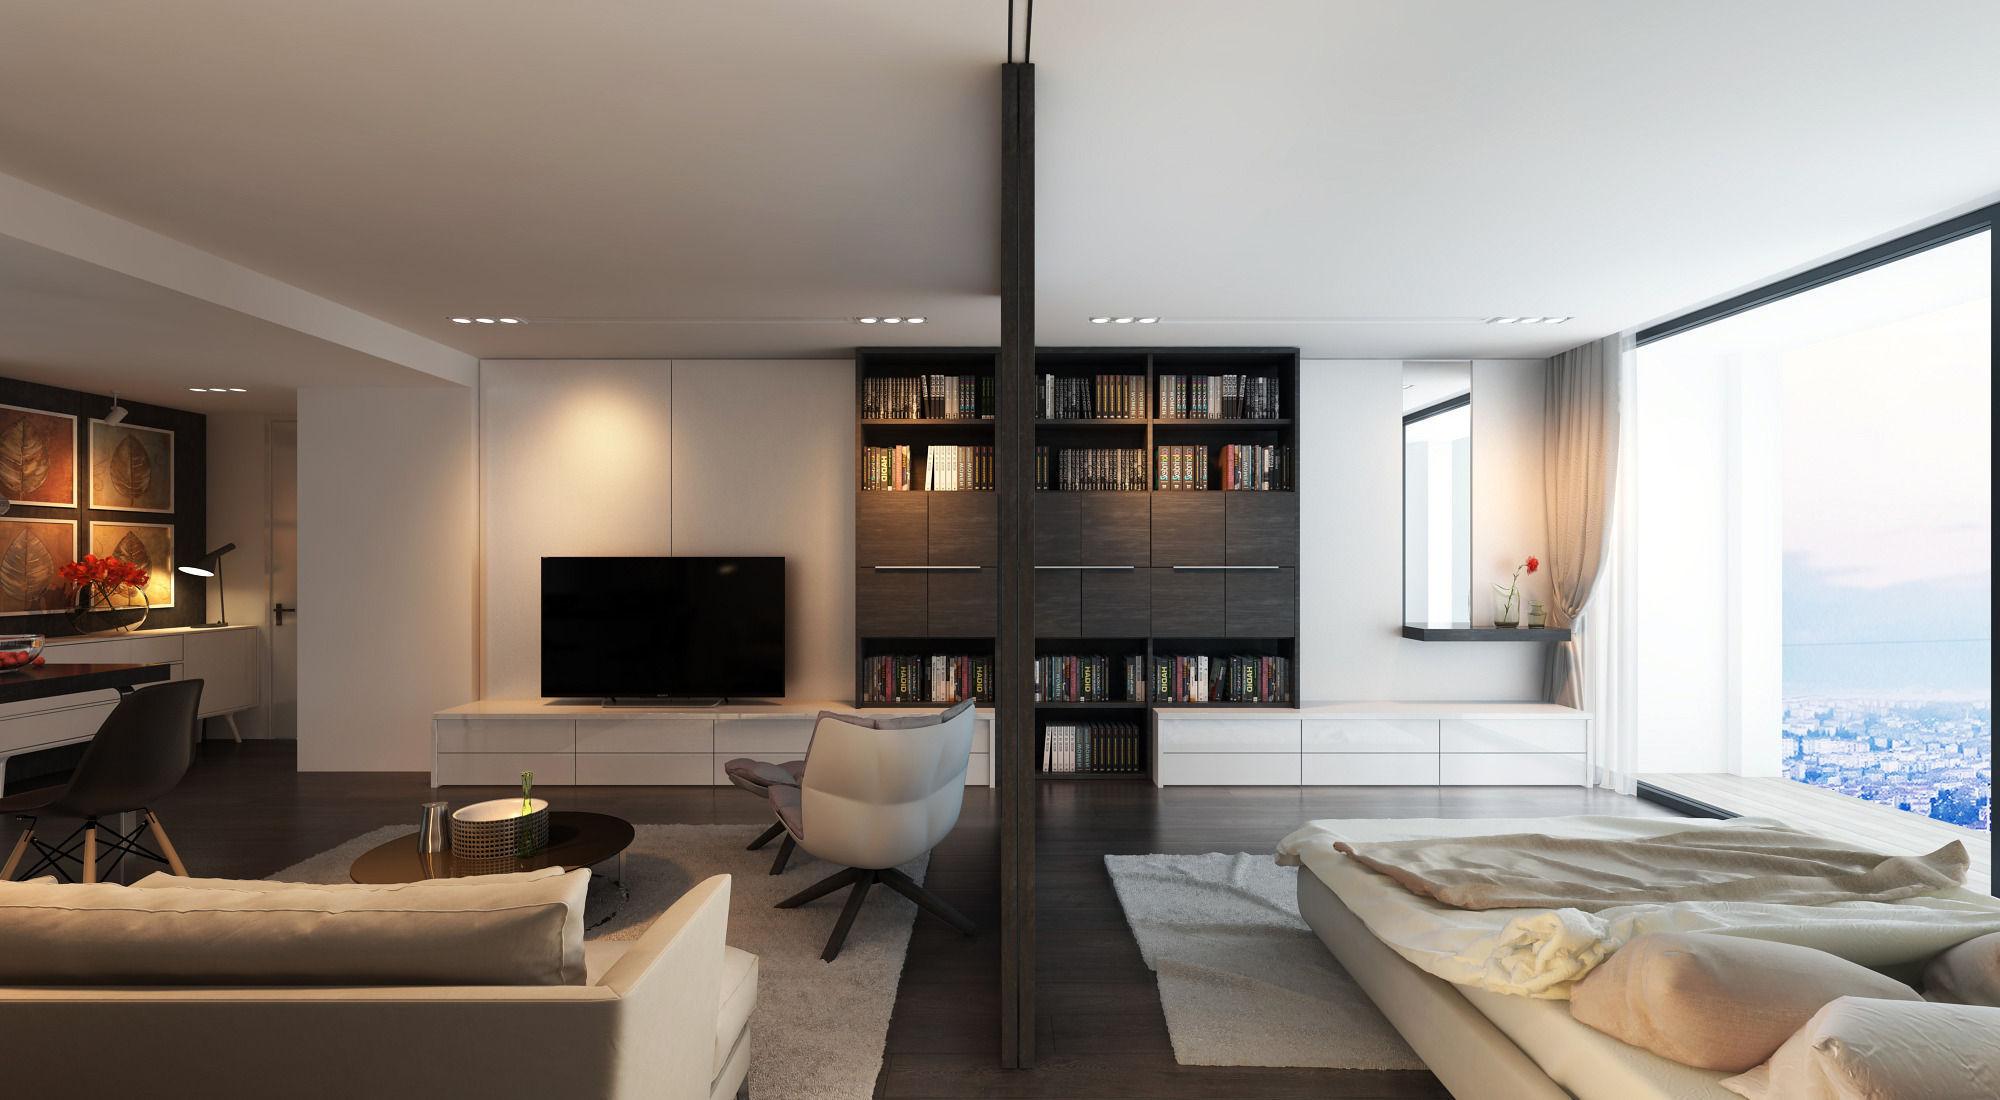 Living Room Models living room 3d models | download 3d living room files | cgtrader